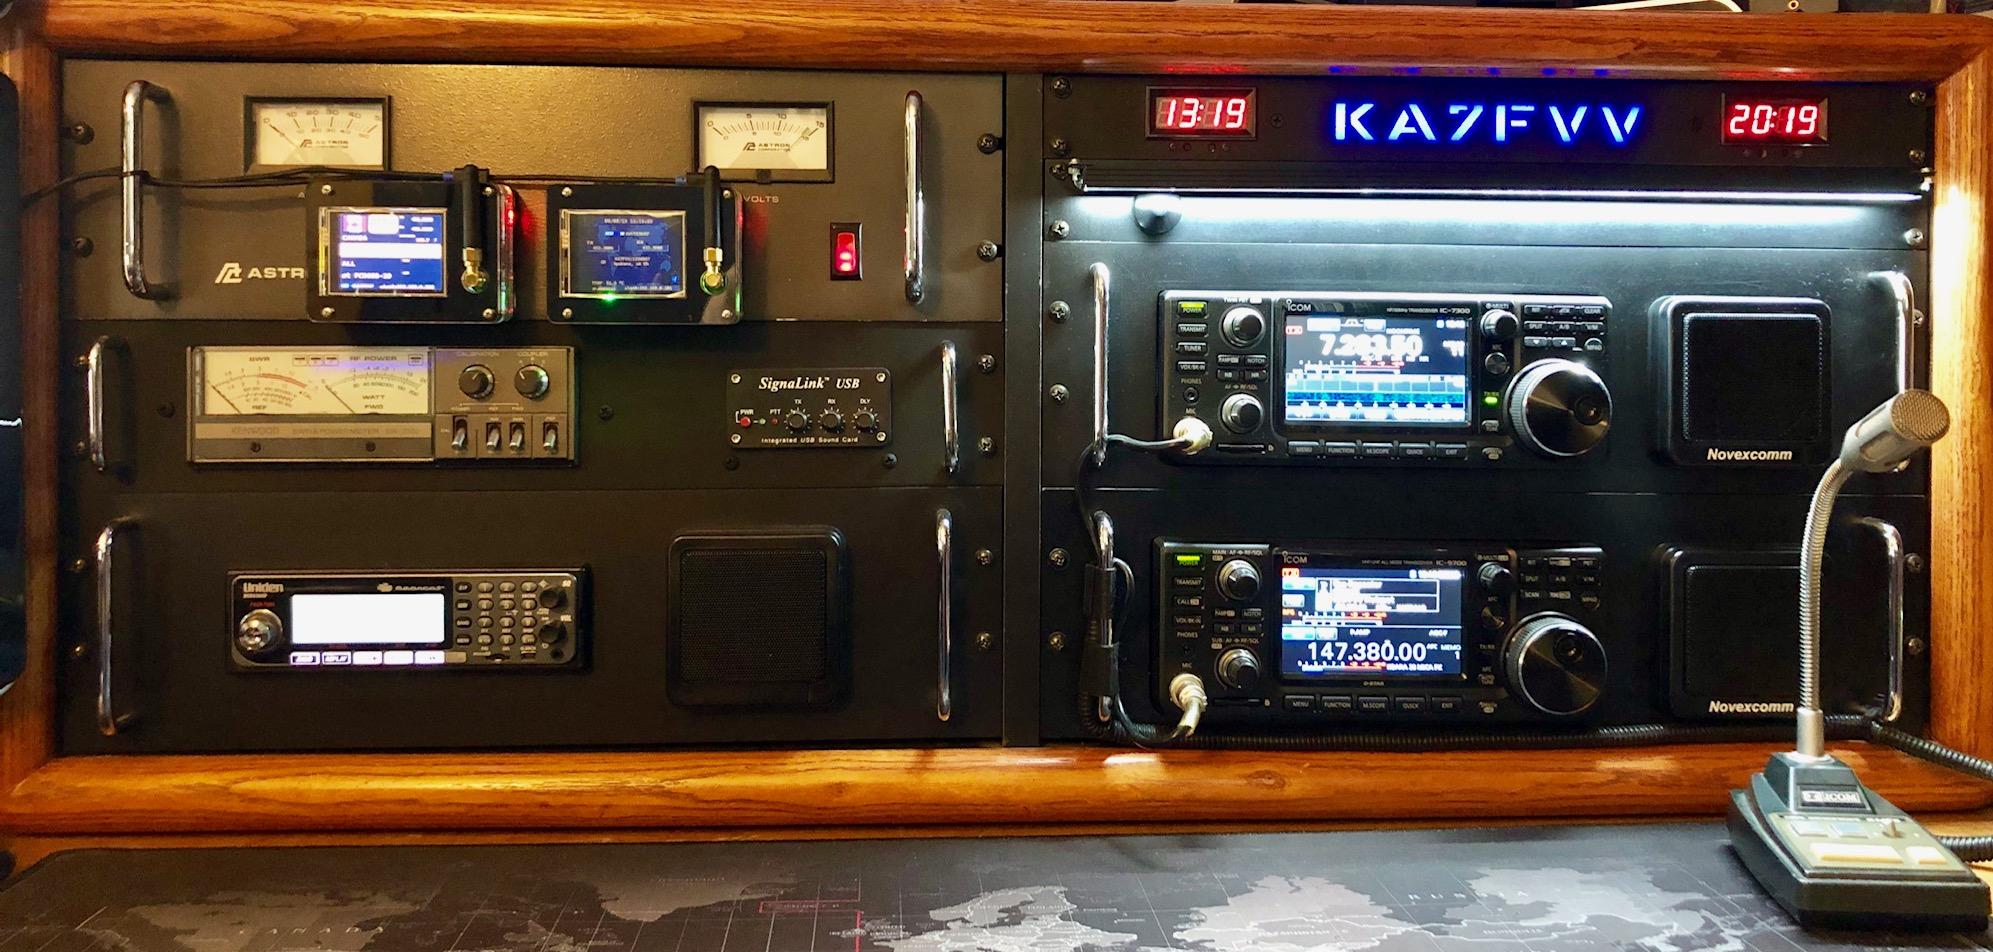 KA7FVV - My Station